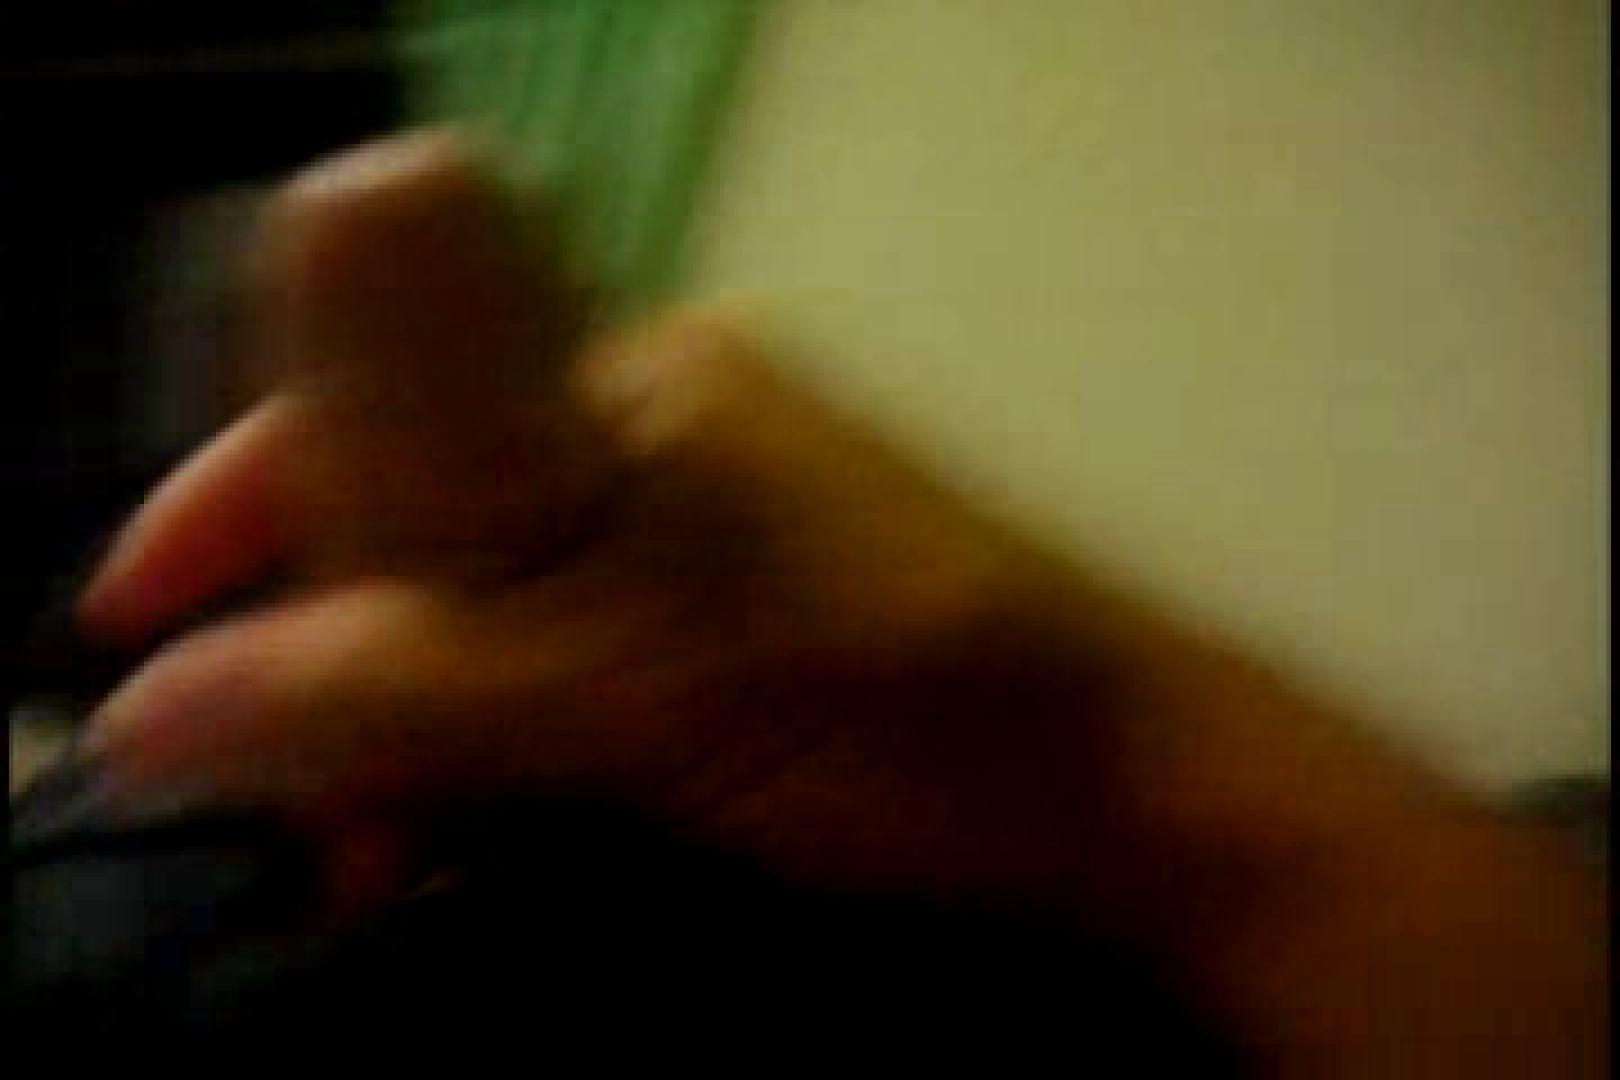 オナ好きノンケテニス部員の自画撮り投稿vol.05 チンコ天国 ゲイエロ動画 8枚 5